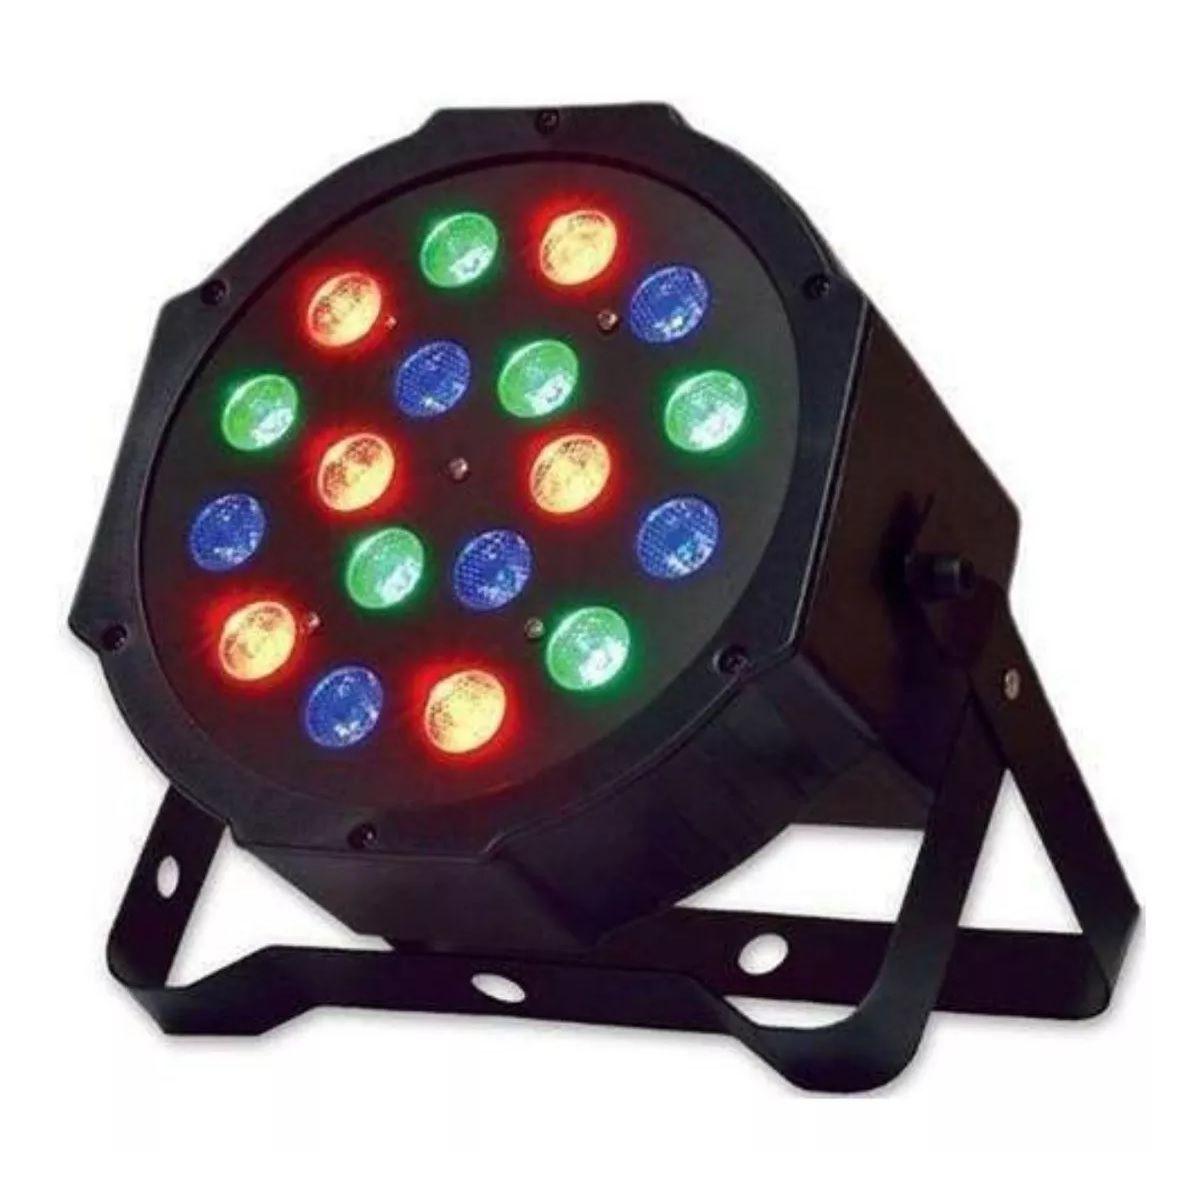 Canhão de Luz PAR 18 LEDs 1W RGB DMX Strobo Painel Digital - 789-9